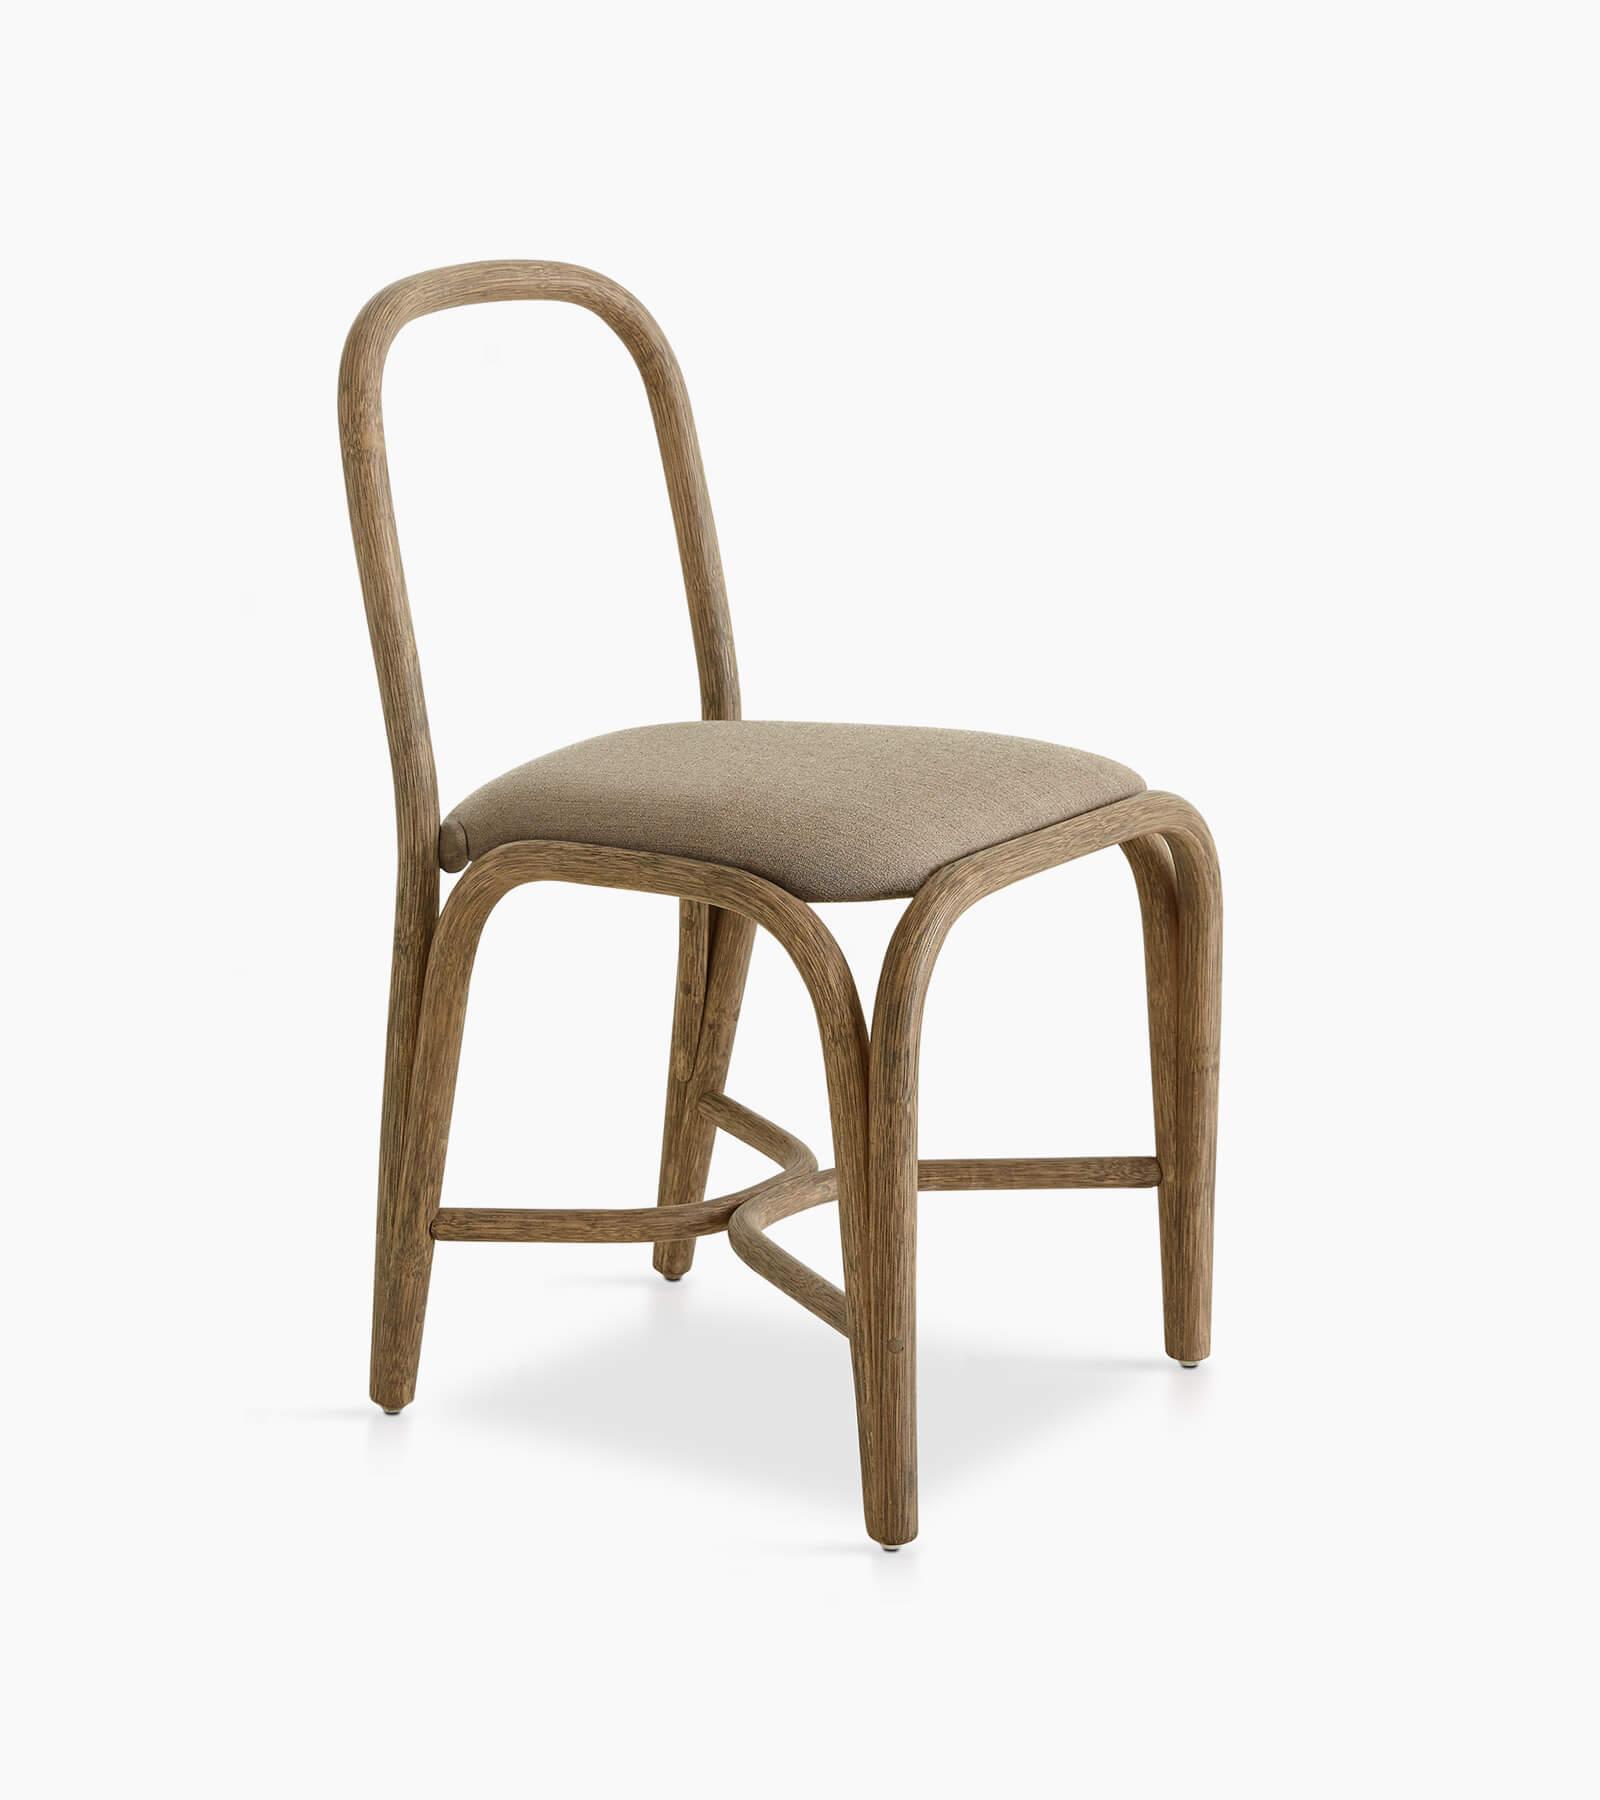 TinnappleMetz-Expormim-fontal-dining-chair-03